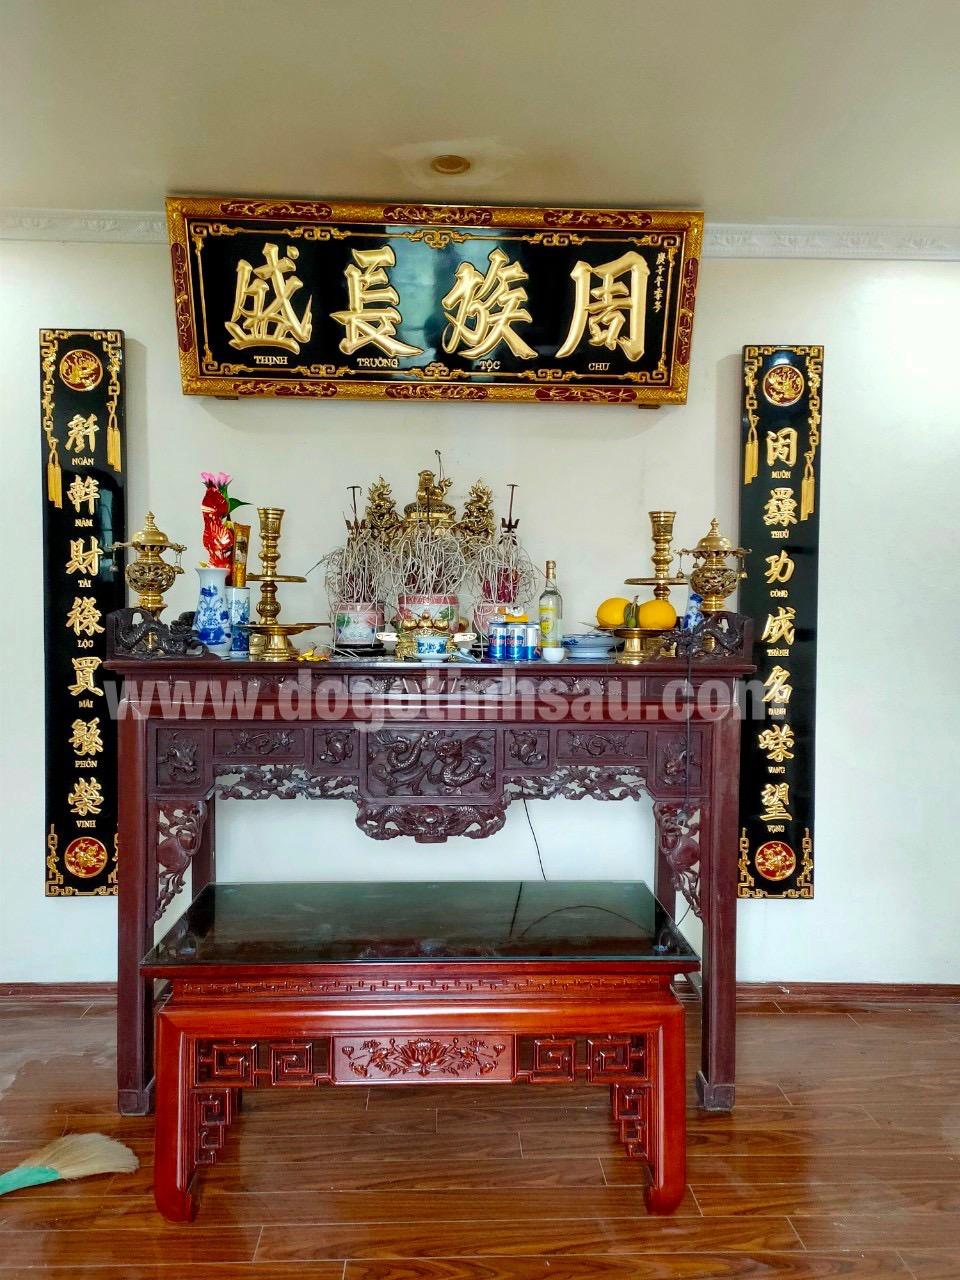 bo hoanh phi cau doi go mit son son thiep vang - Hoành phi câu đối bằng gỗ mít có tốt không?